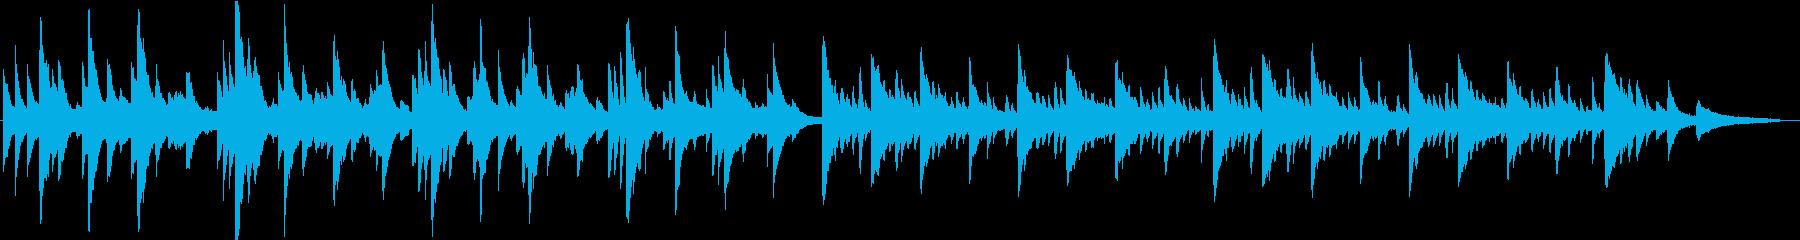 揺れる感情を表したピアノソロの再生済みの波形